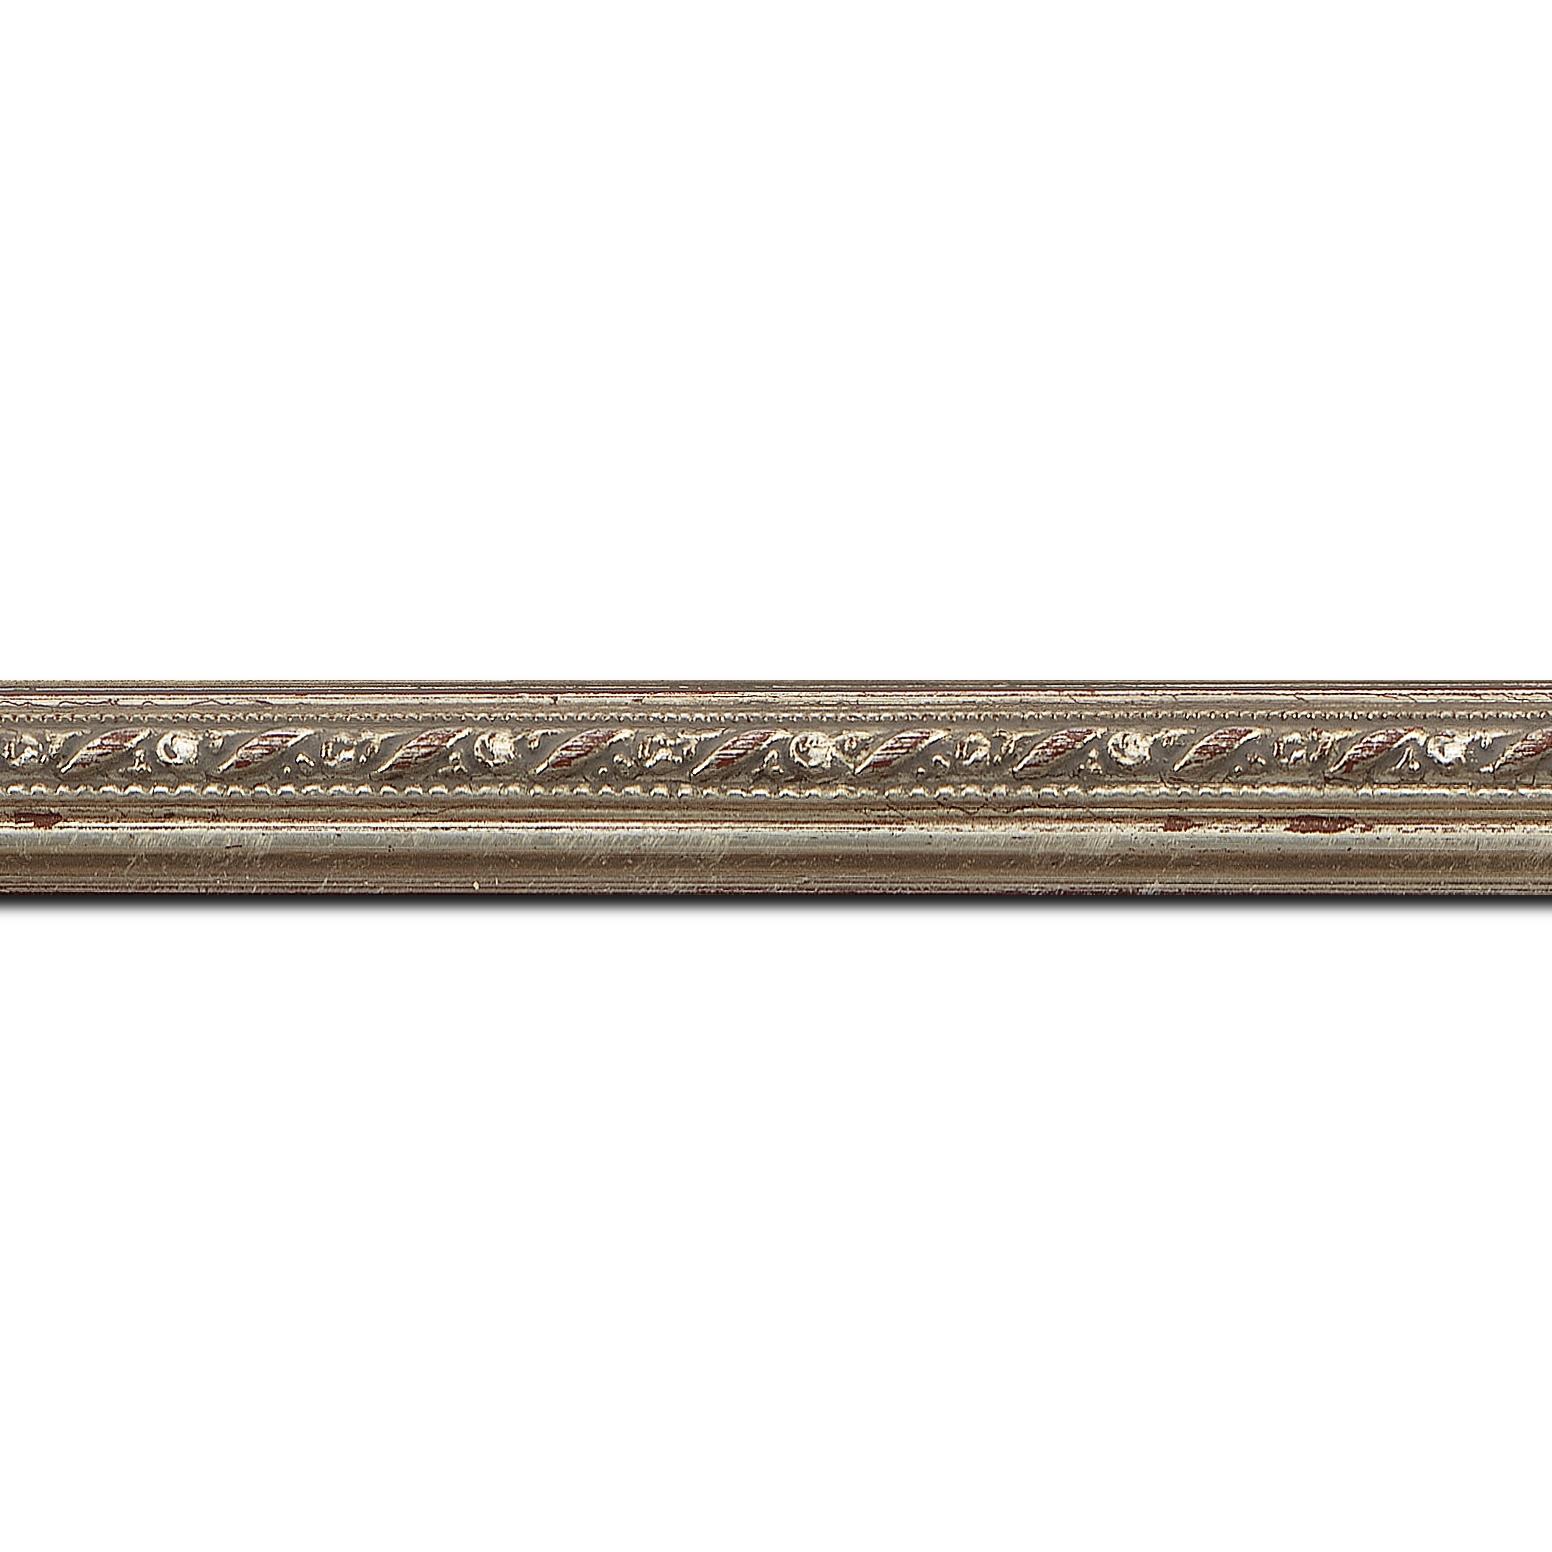 Baguette longueur 1.40m bois profil bombé largeur 2cm argent antique style